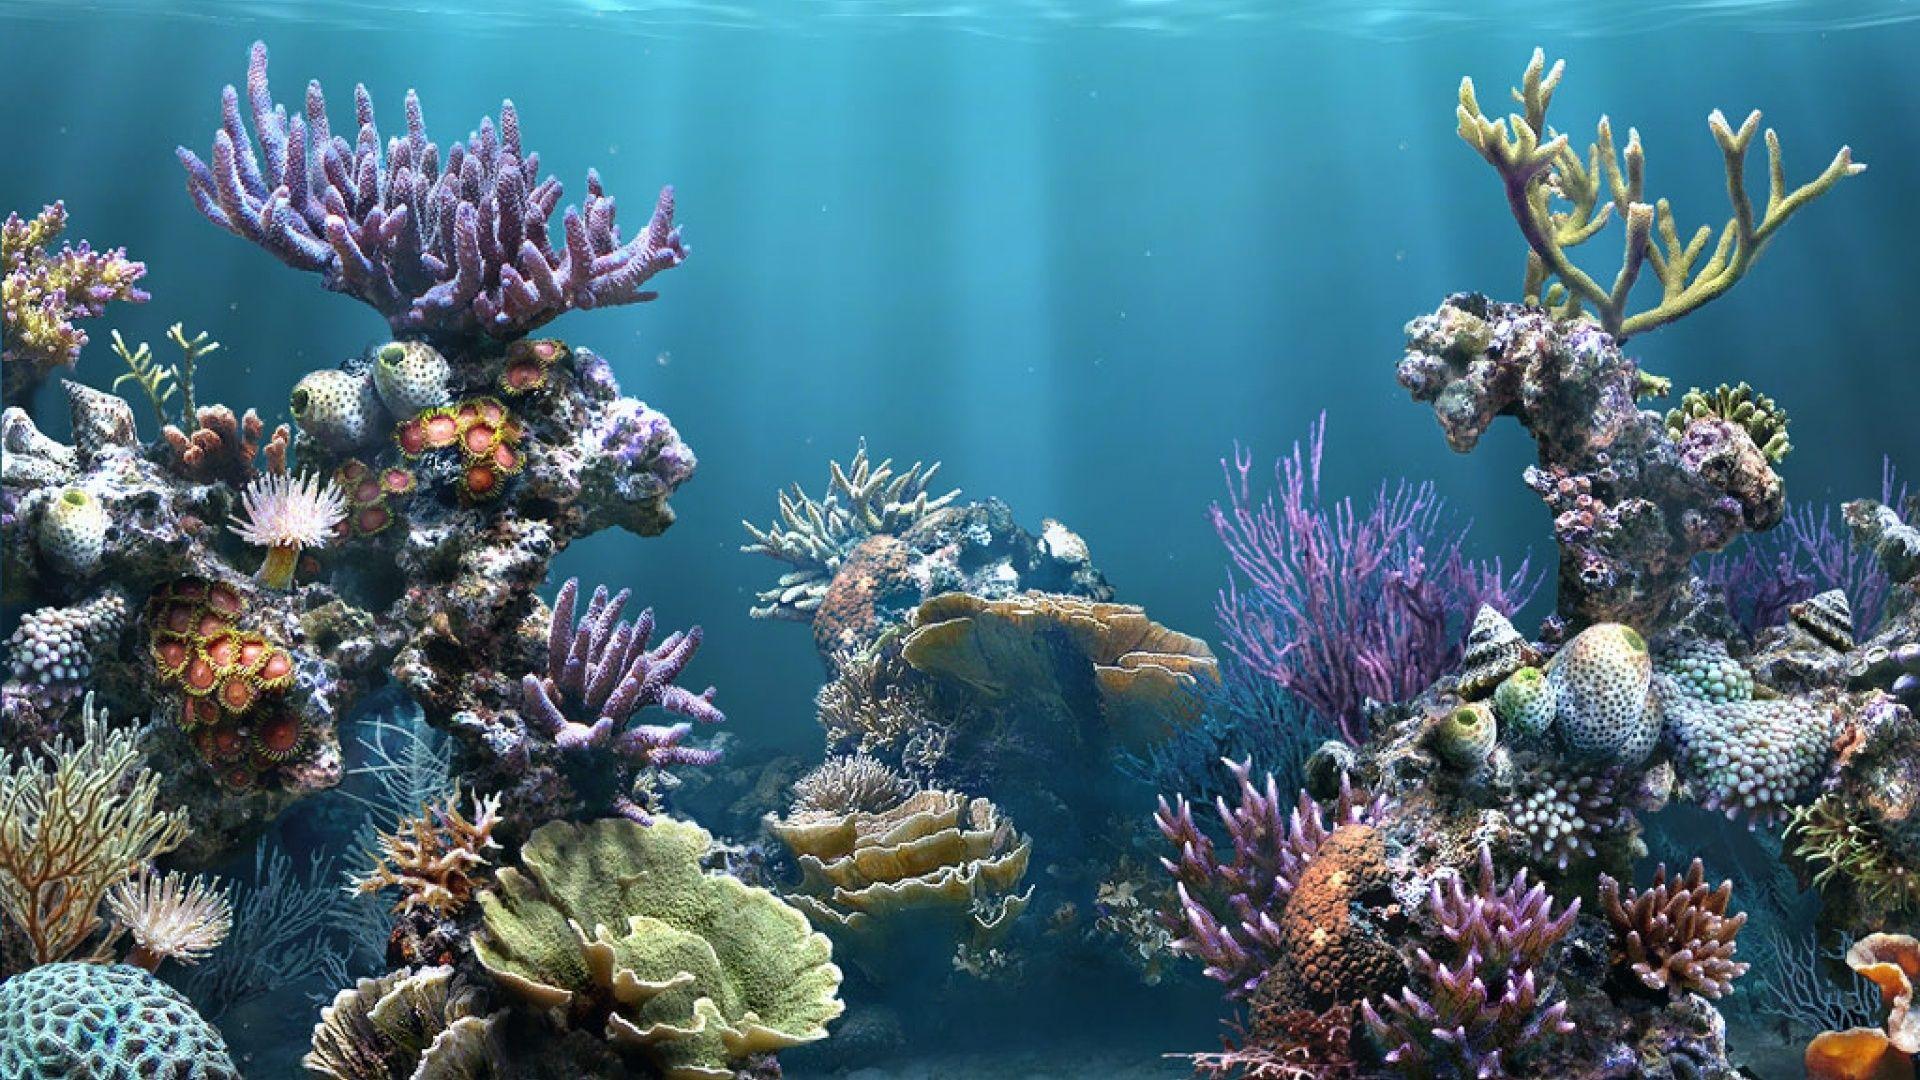 Animated aquarium desktop wallpaper wallpapersafari for Animated fish tank